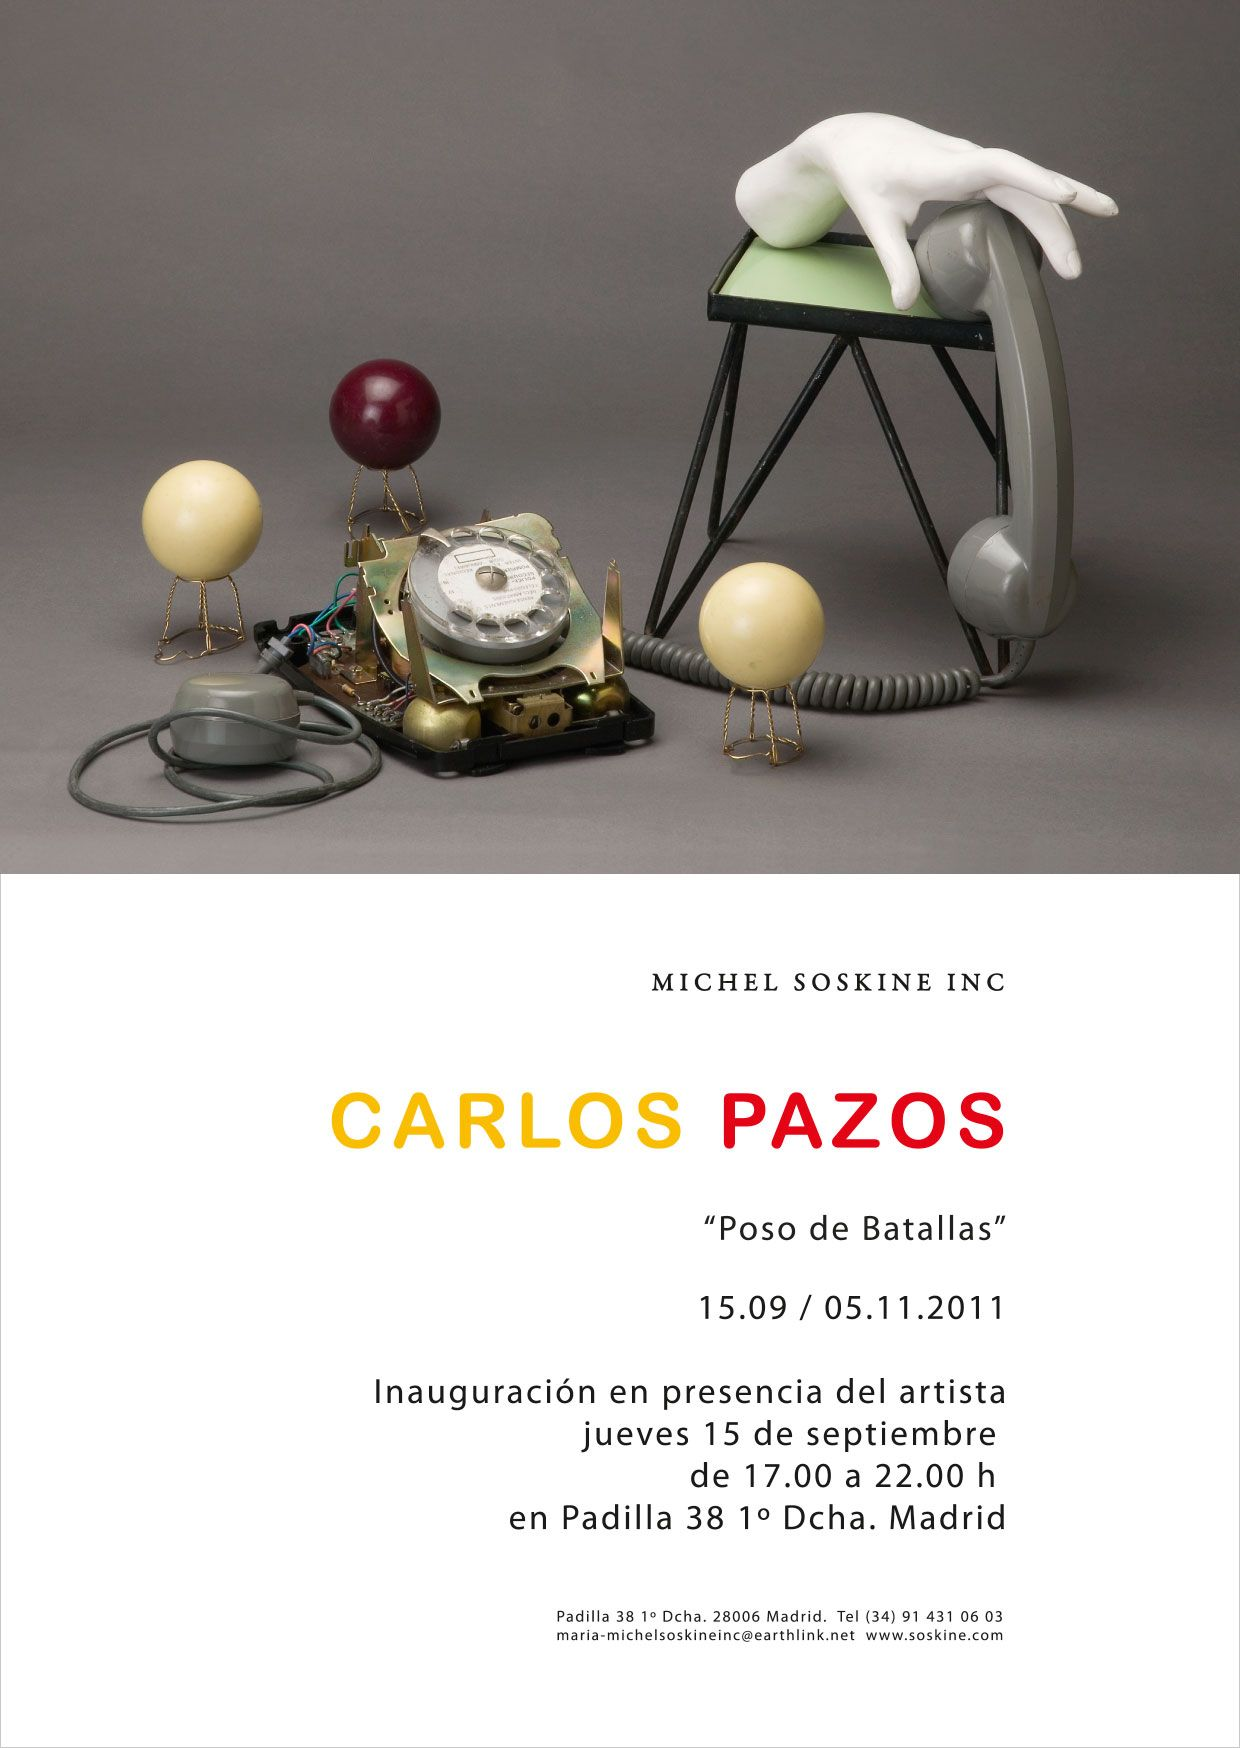 CARLOS PAZOS